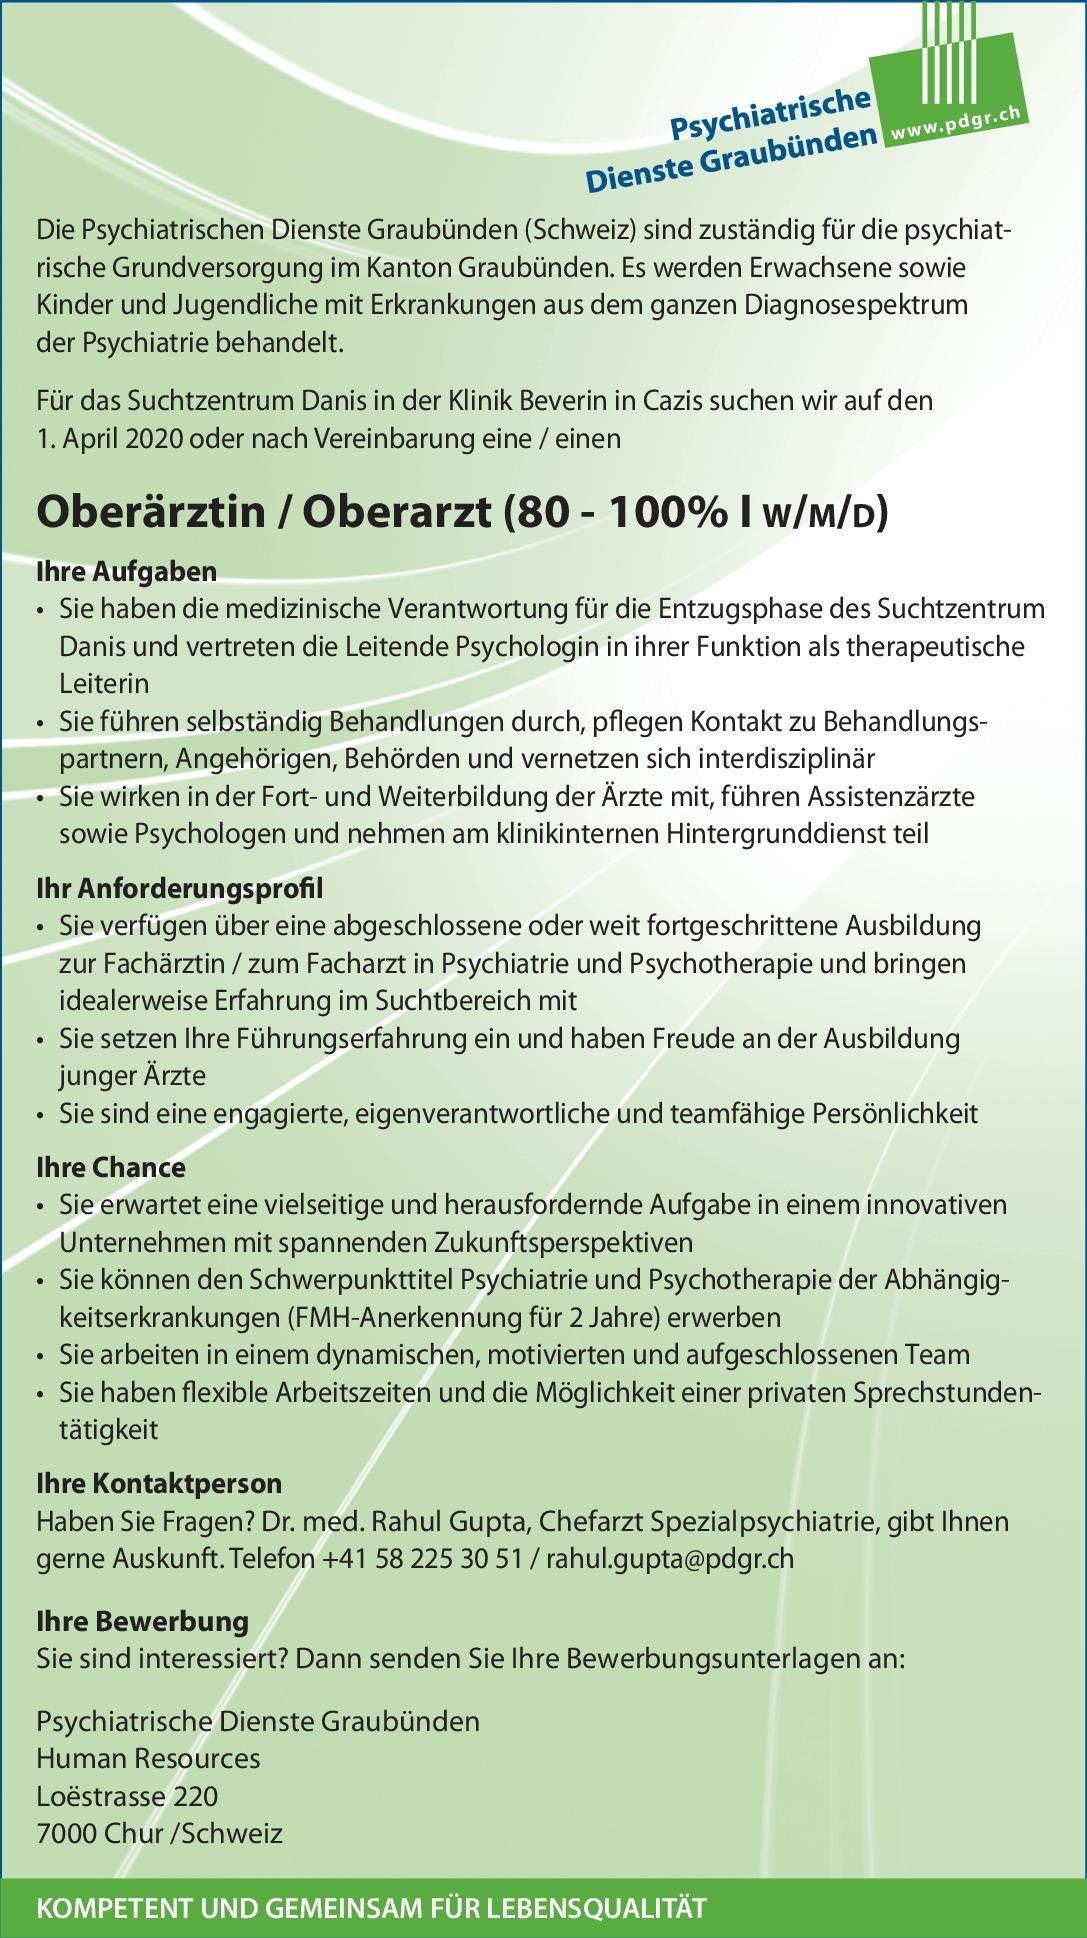 Klinik Beverin Cazis, Psychiatrische Dienste Graubünden Oberärztin / Oberarzt (80 - 100% I w/m/d)  Psychiatrie und Psychotherapie, Psychiatrie und Psychotherapie Oberarzt